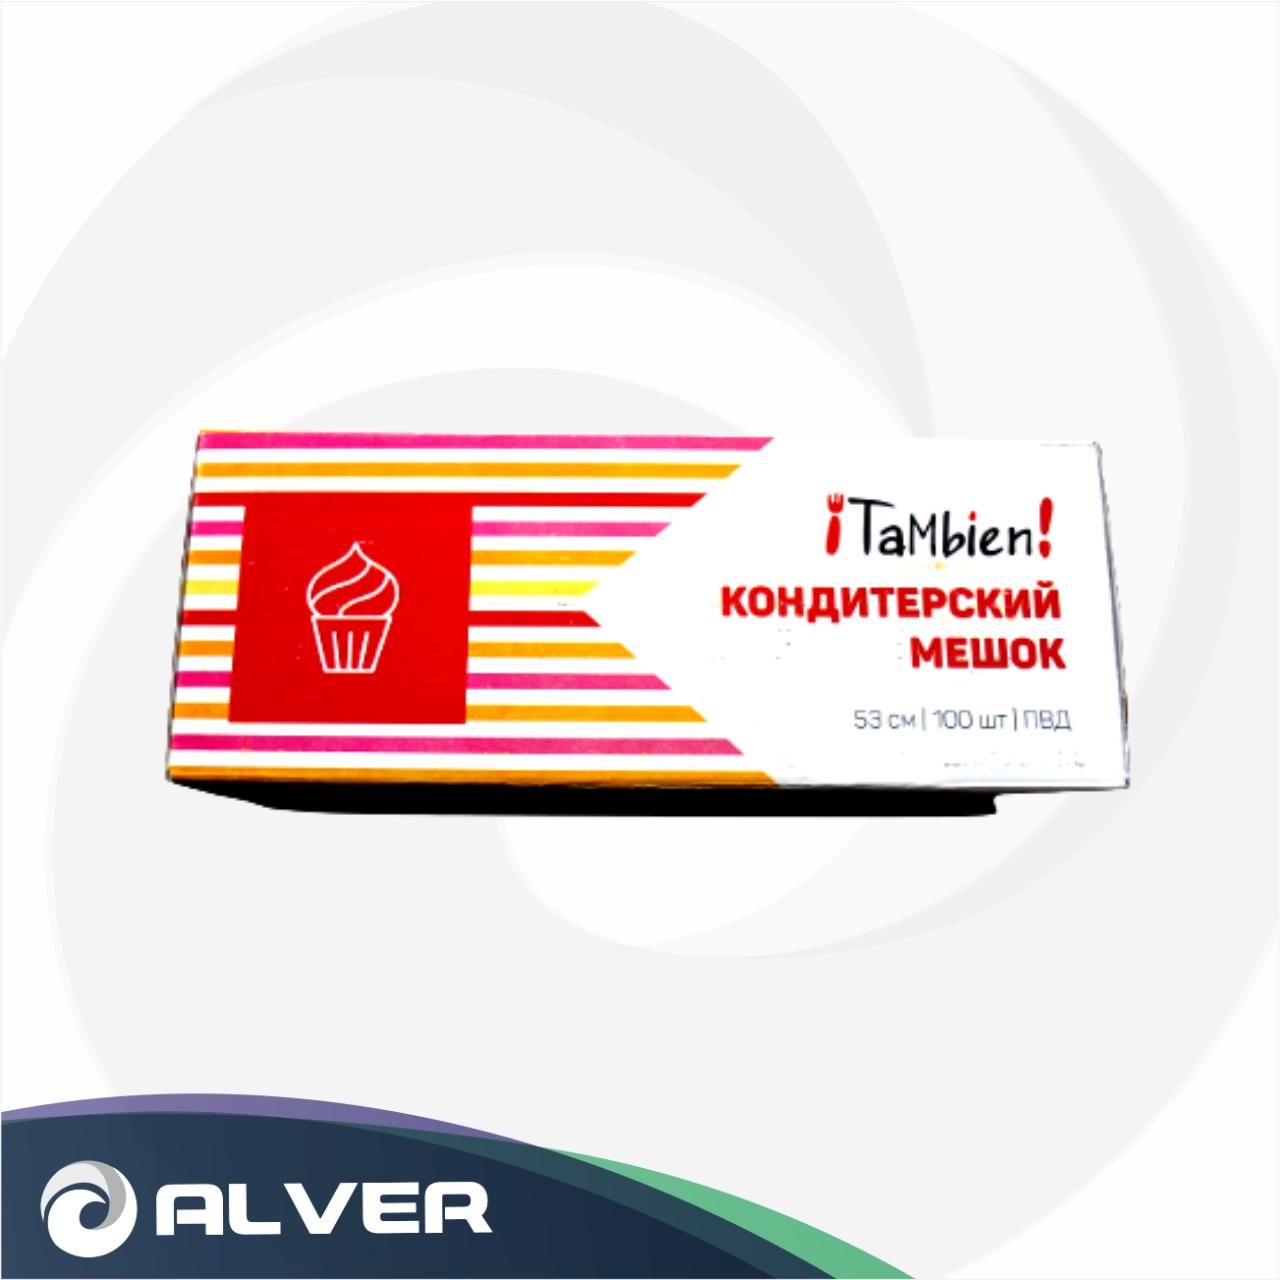 Кондитерский мешок Tambien в КОРОБКЕ, 53см., СИНИЙ, L 100шт./упак.